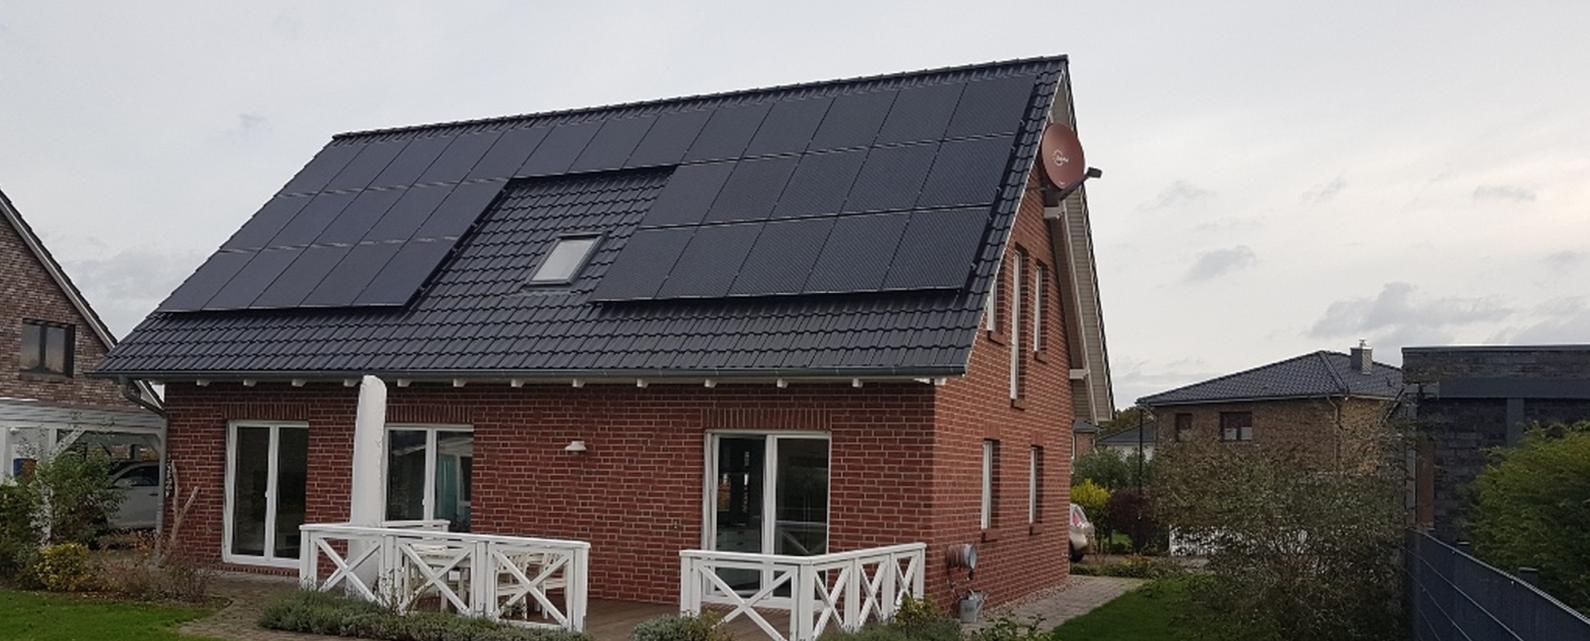 Photovoltaik und Stromspeicher Hamburg Tel. 20 20 20 20 20